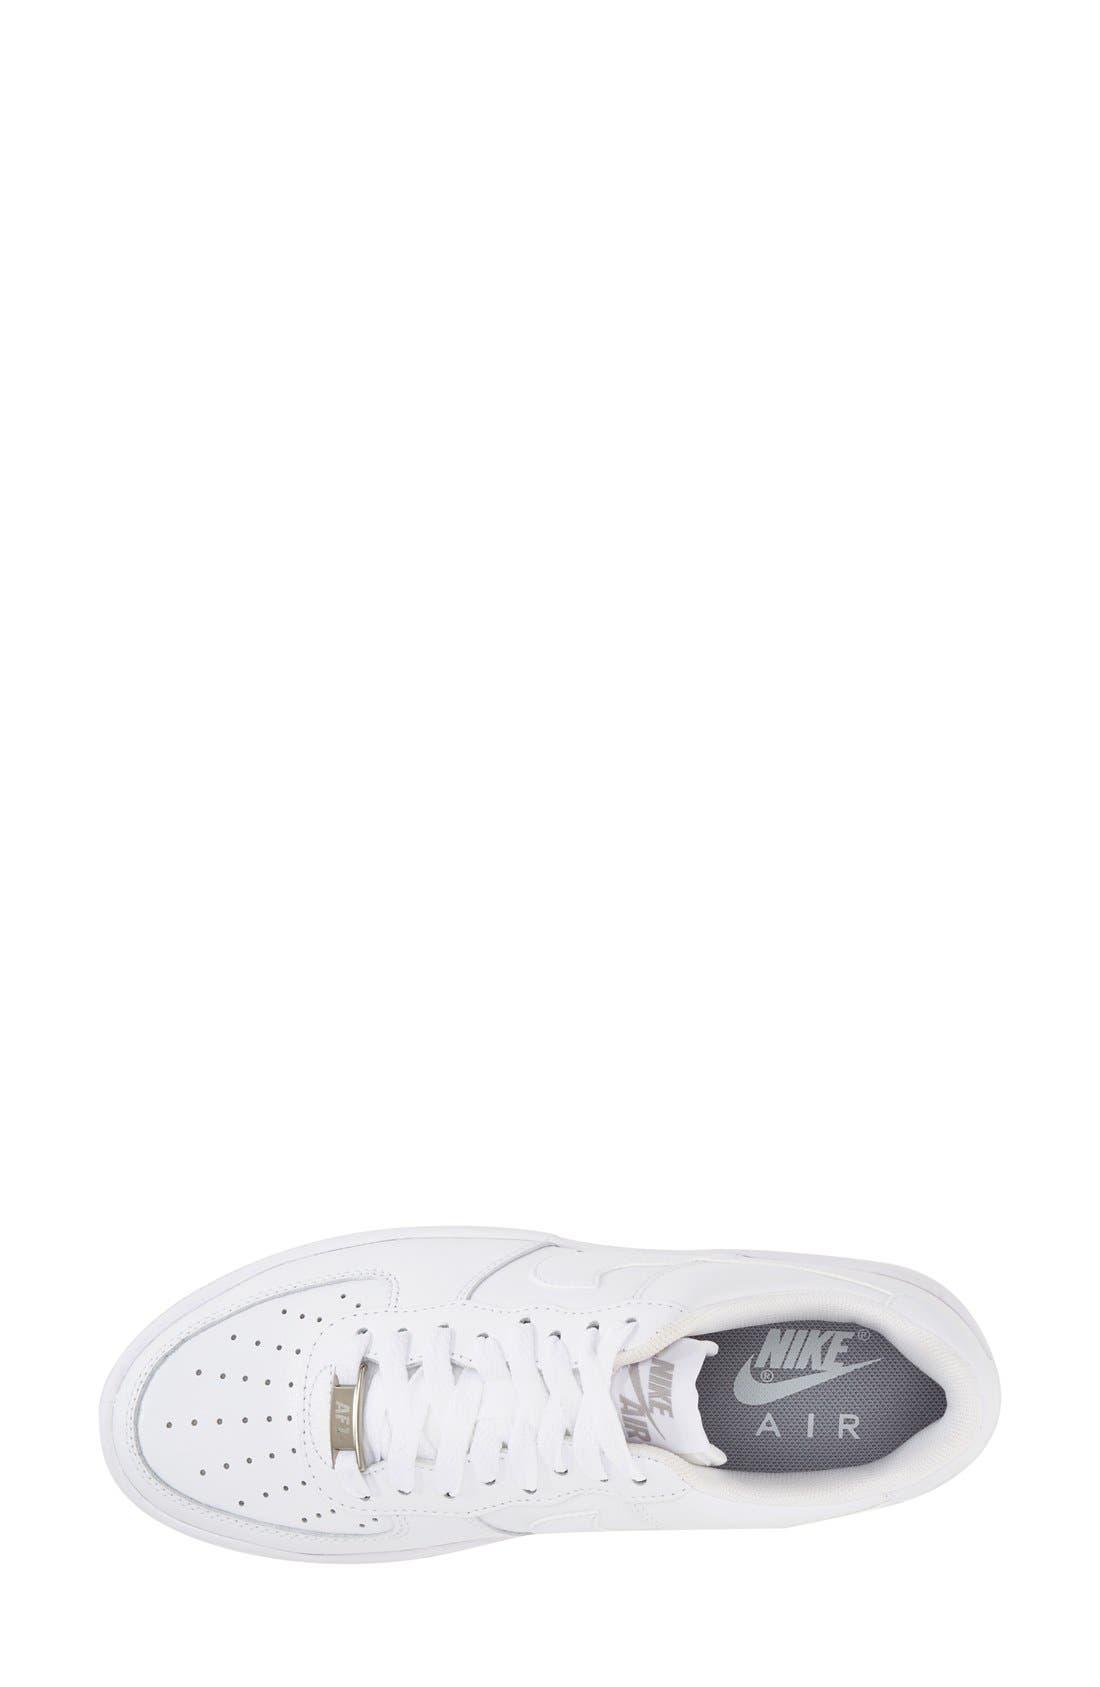 Alternate Image 3  - Nike 'AF-1 Ultra Force ESS' Sneaker (Women)